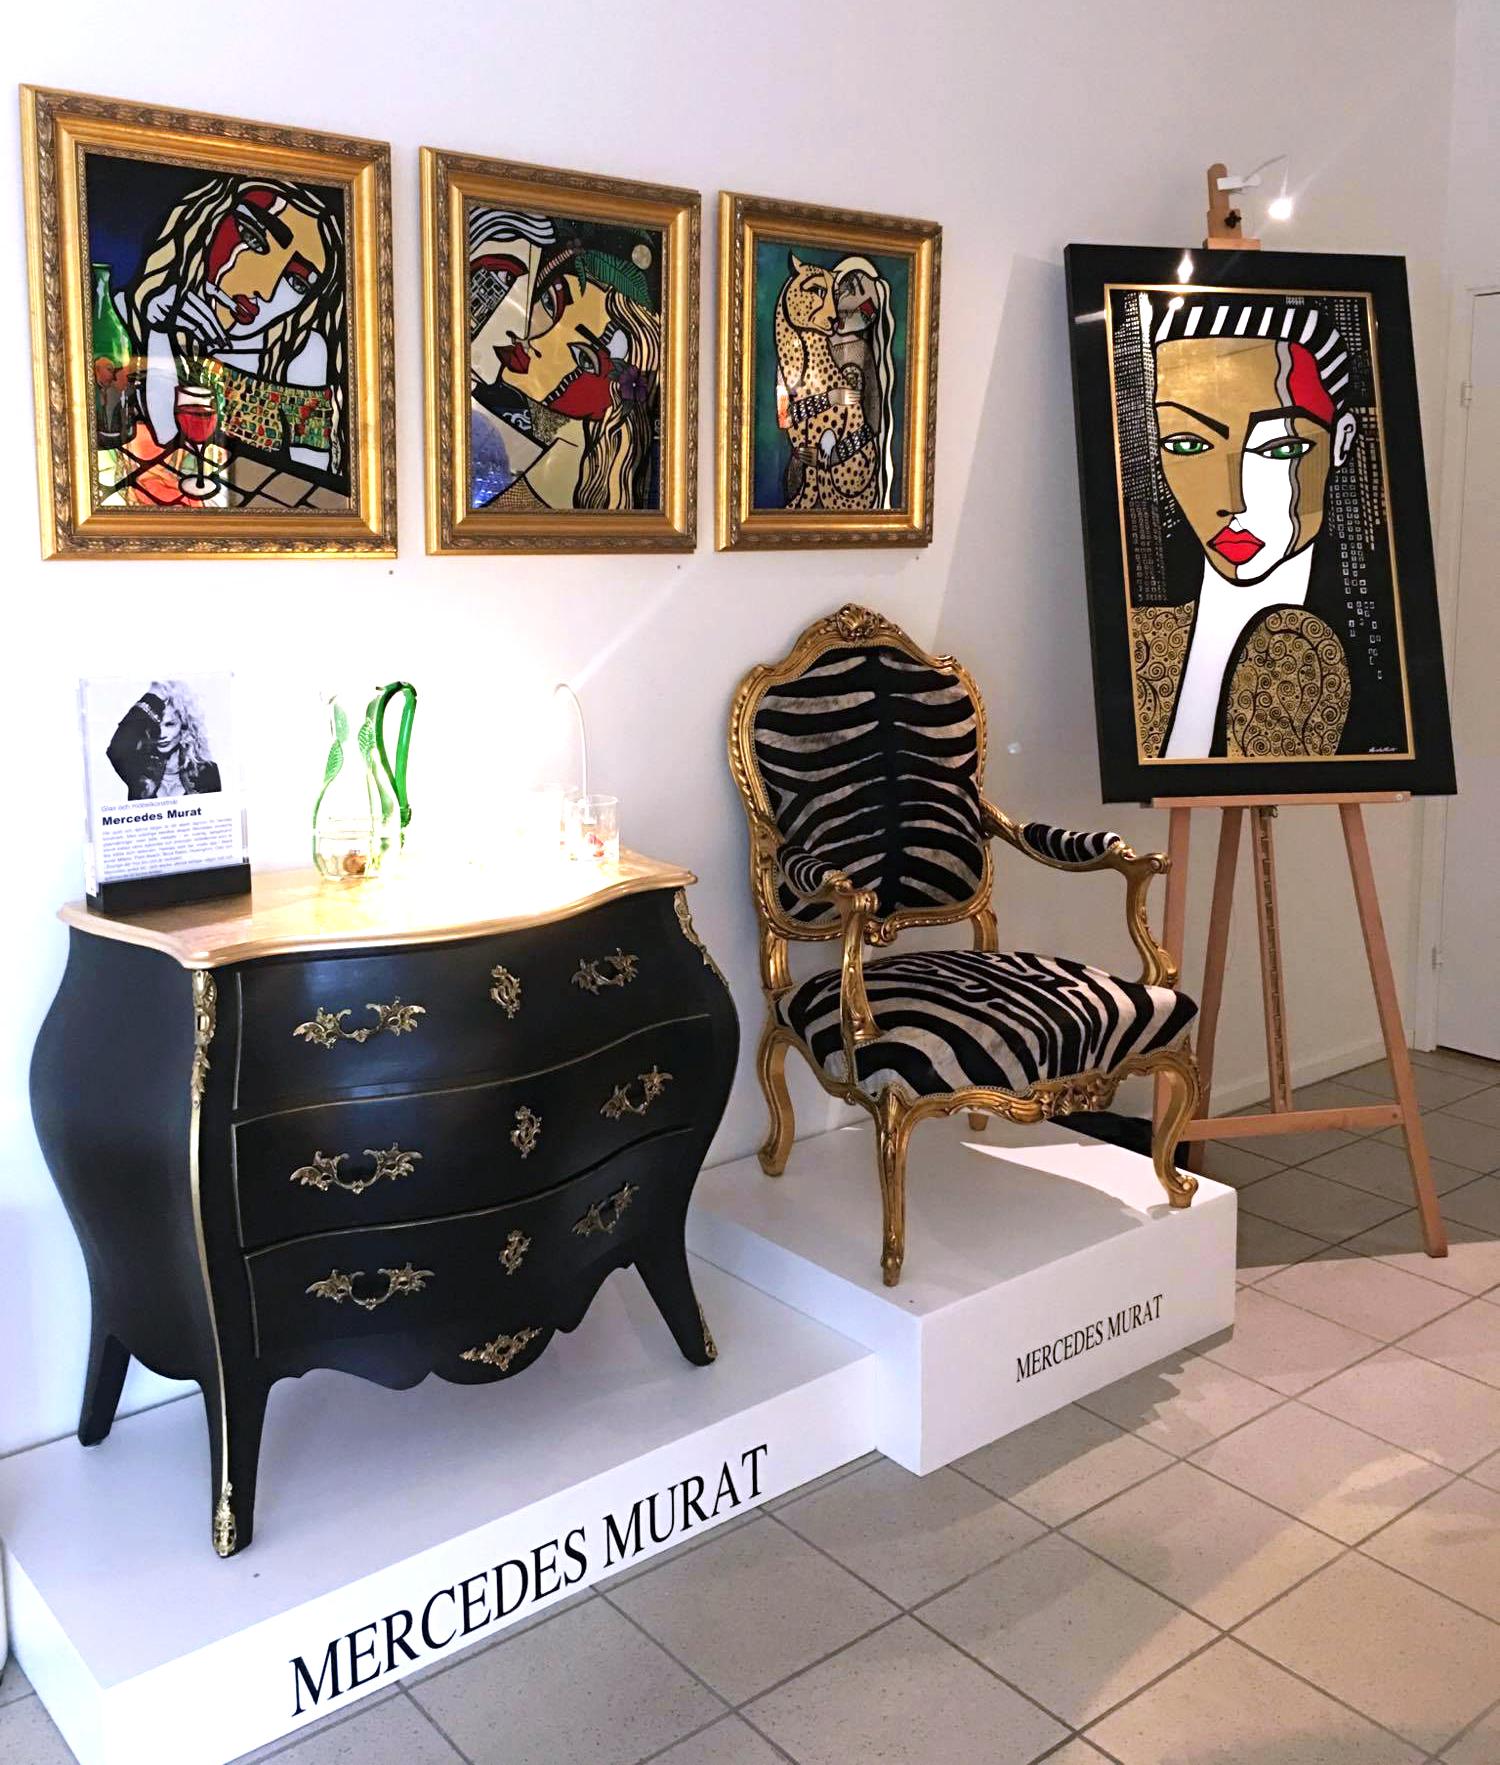 Mercedes Murat, glasrikets skatter, konst, konstutställning